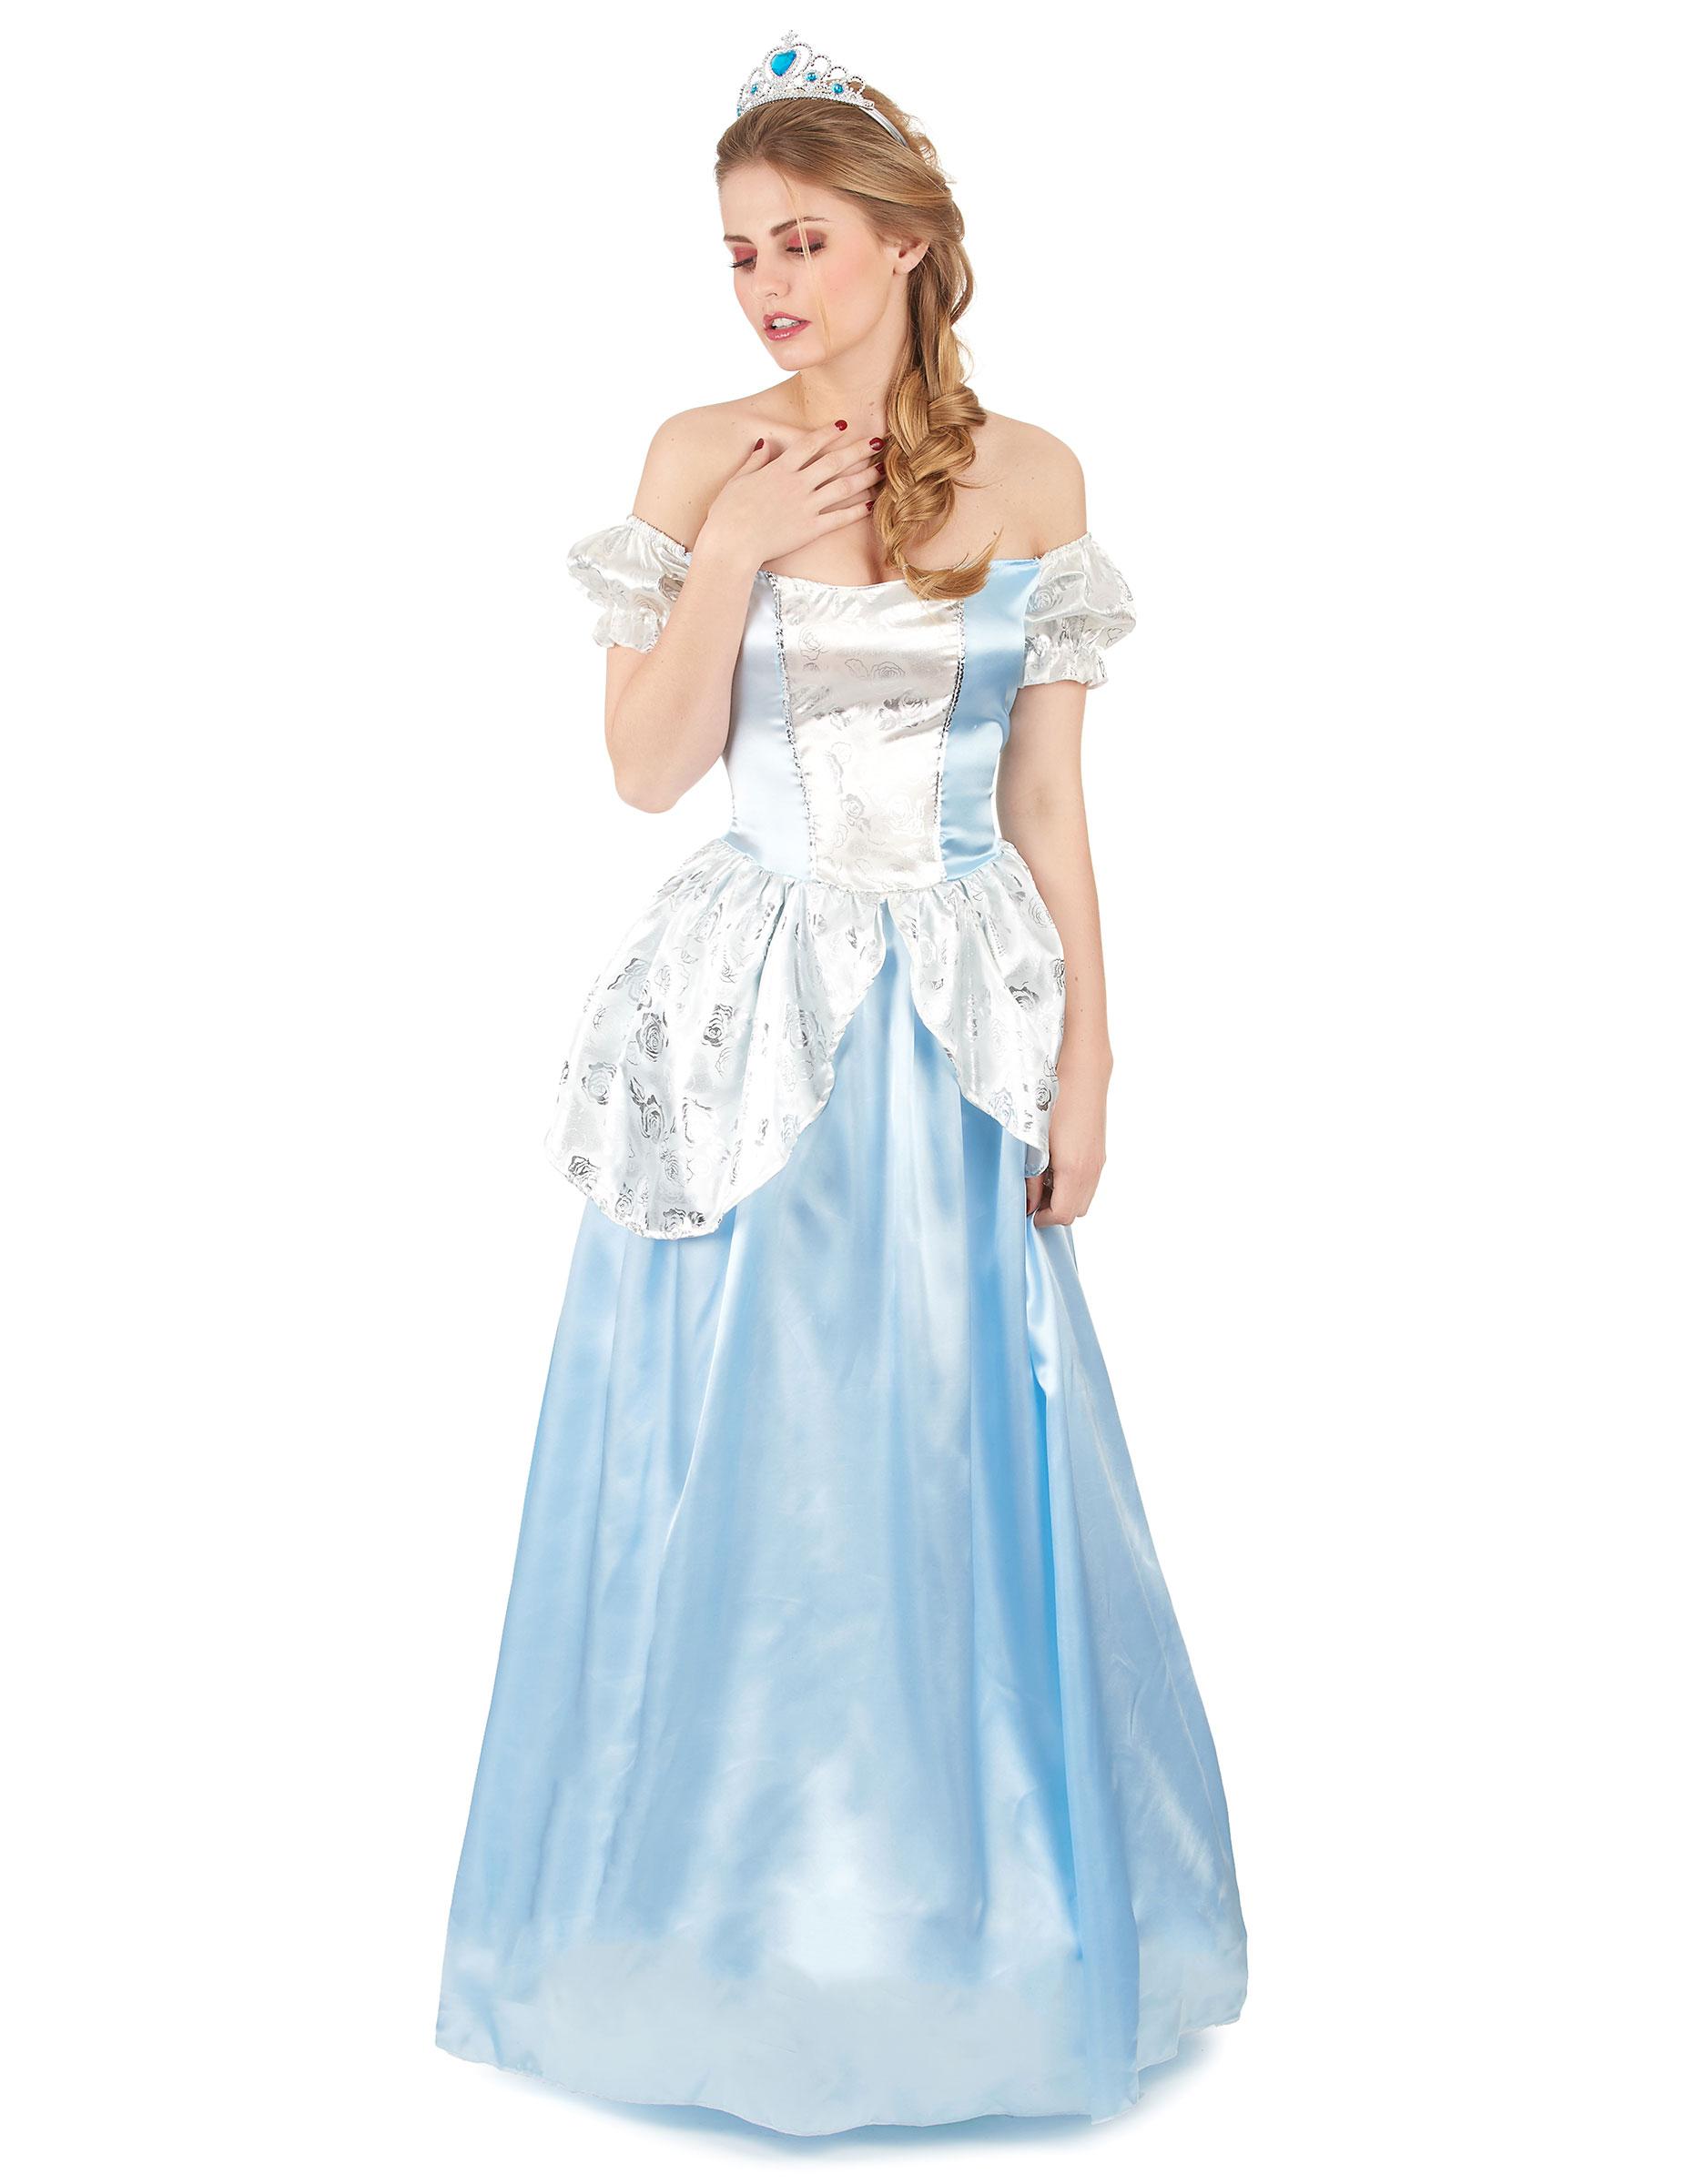 Prinzessinnen-Kostüm für Damen hellblau